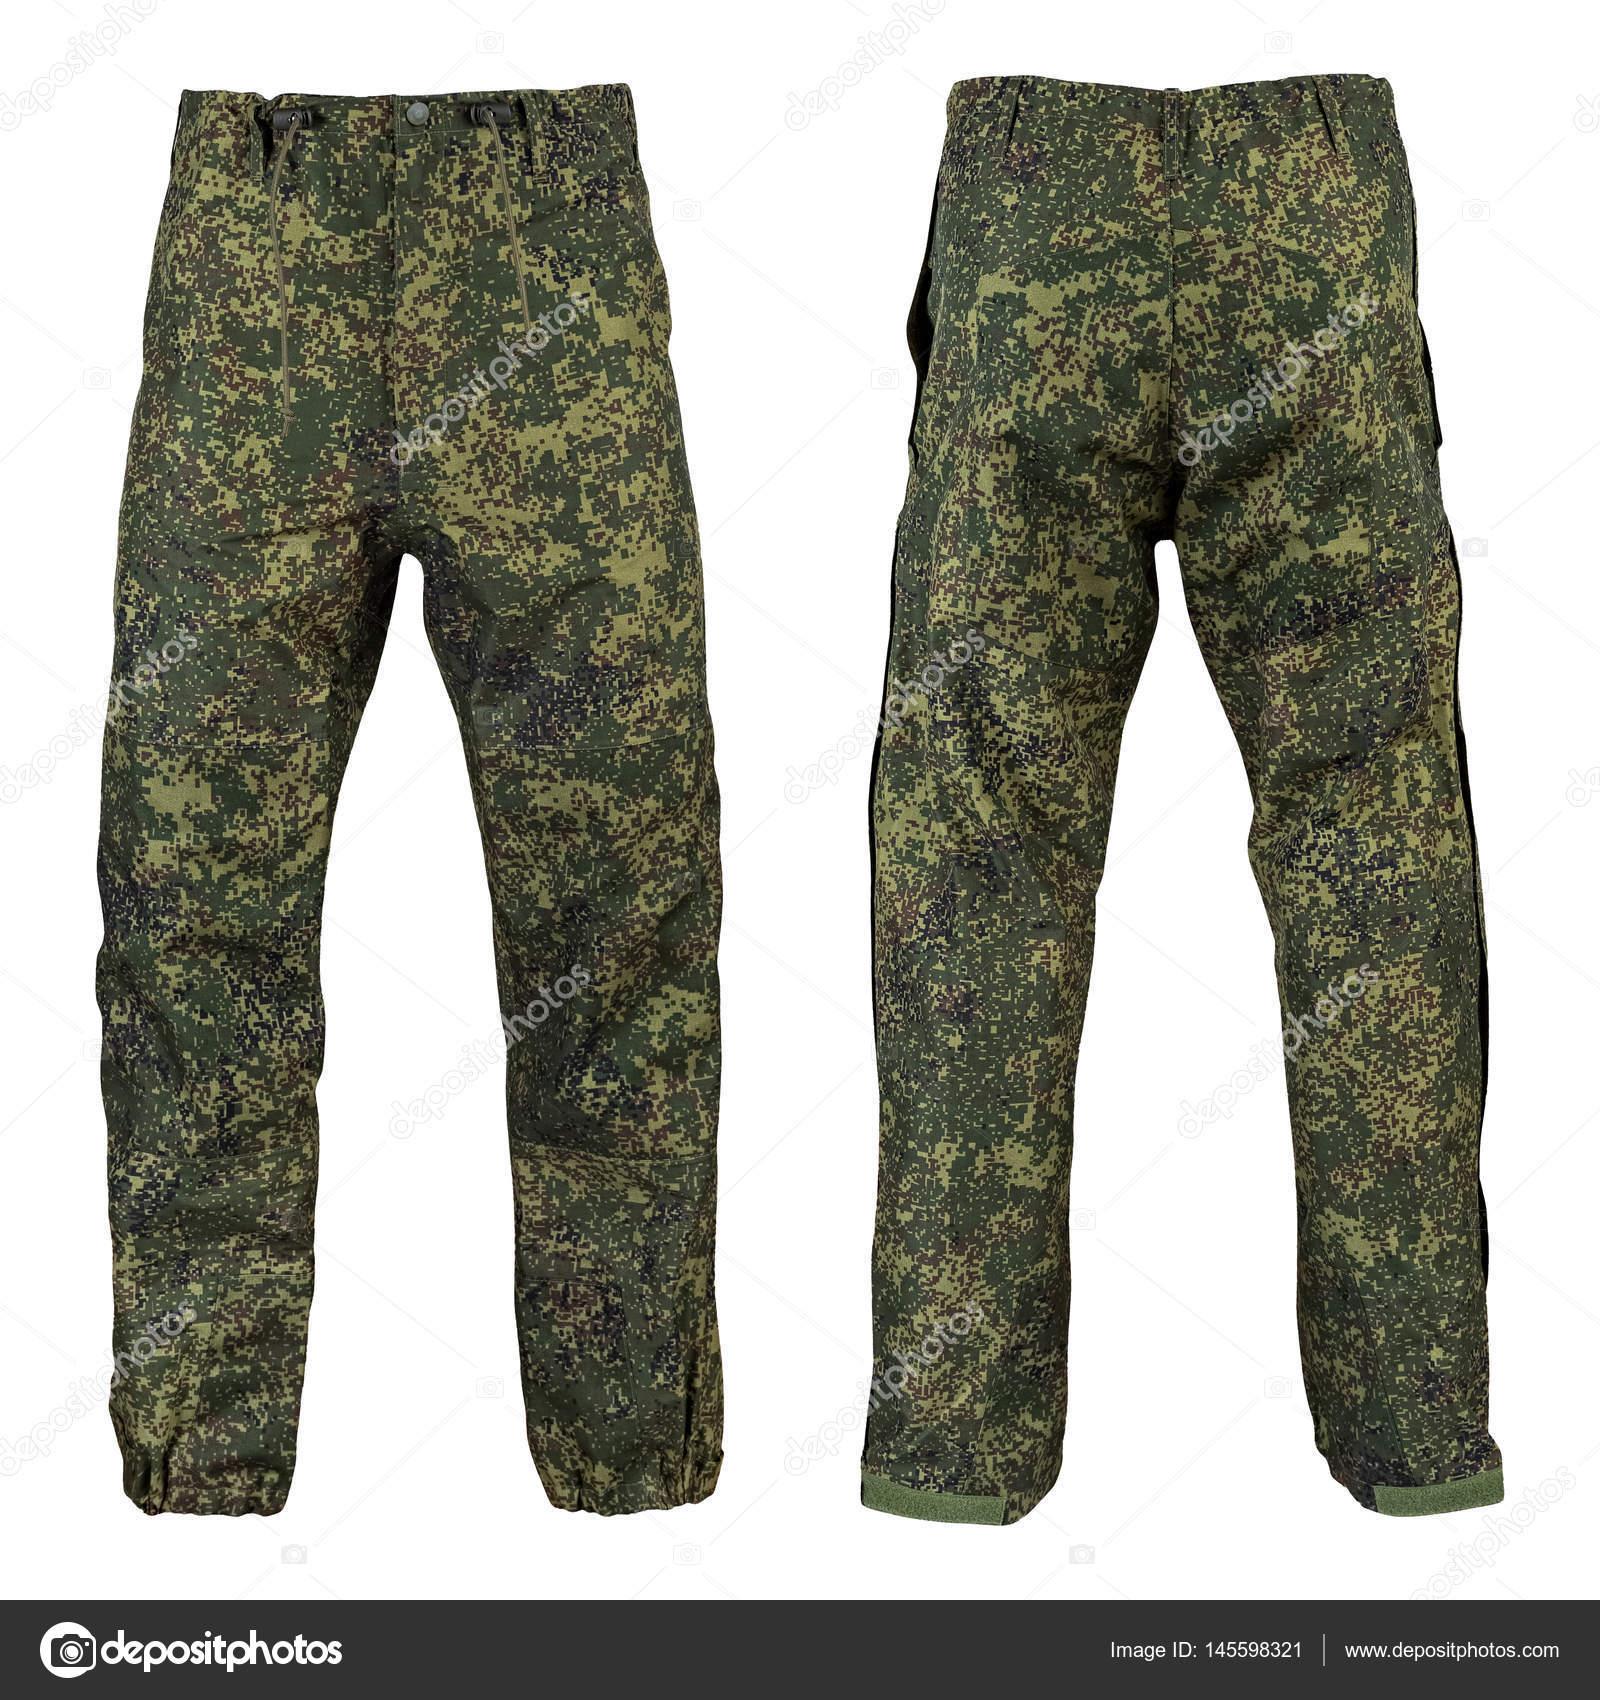 c173a772b56 Στρατιωτικά παντελόνια, καμουφλάζ — Φωτογραφία Αρχείου © Radionphoto ...